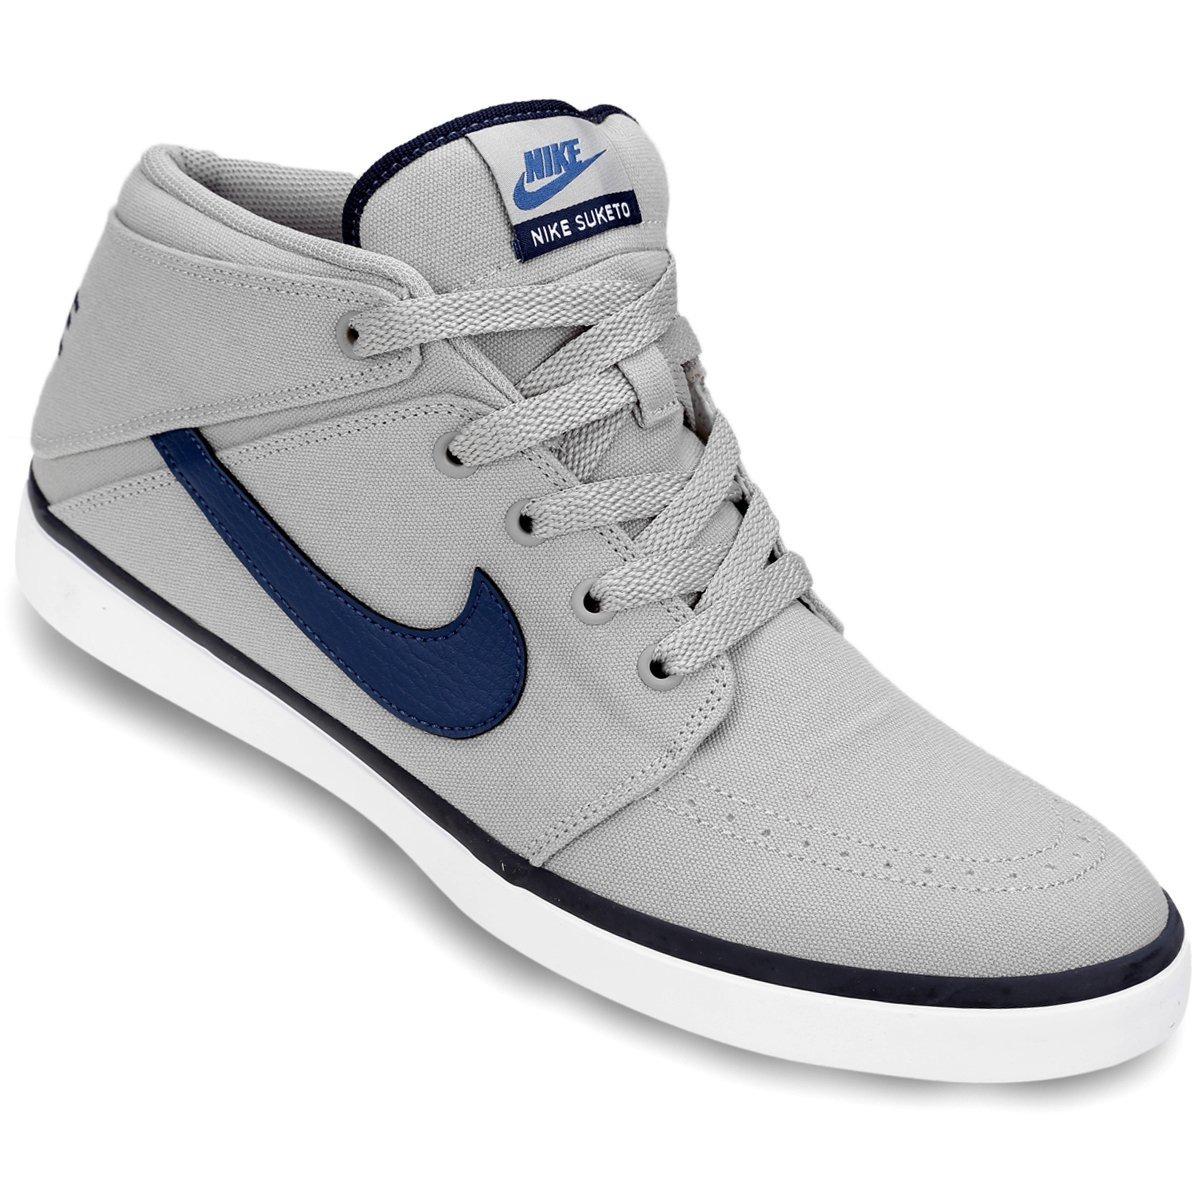 71e47ccb93 Botitas Nike Suketo Mid - $ 1.990,00 en Mercado Libre